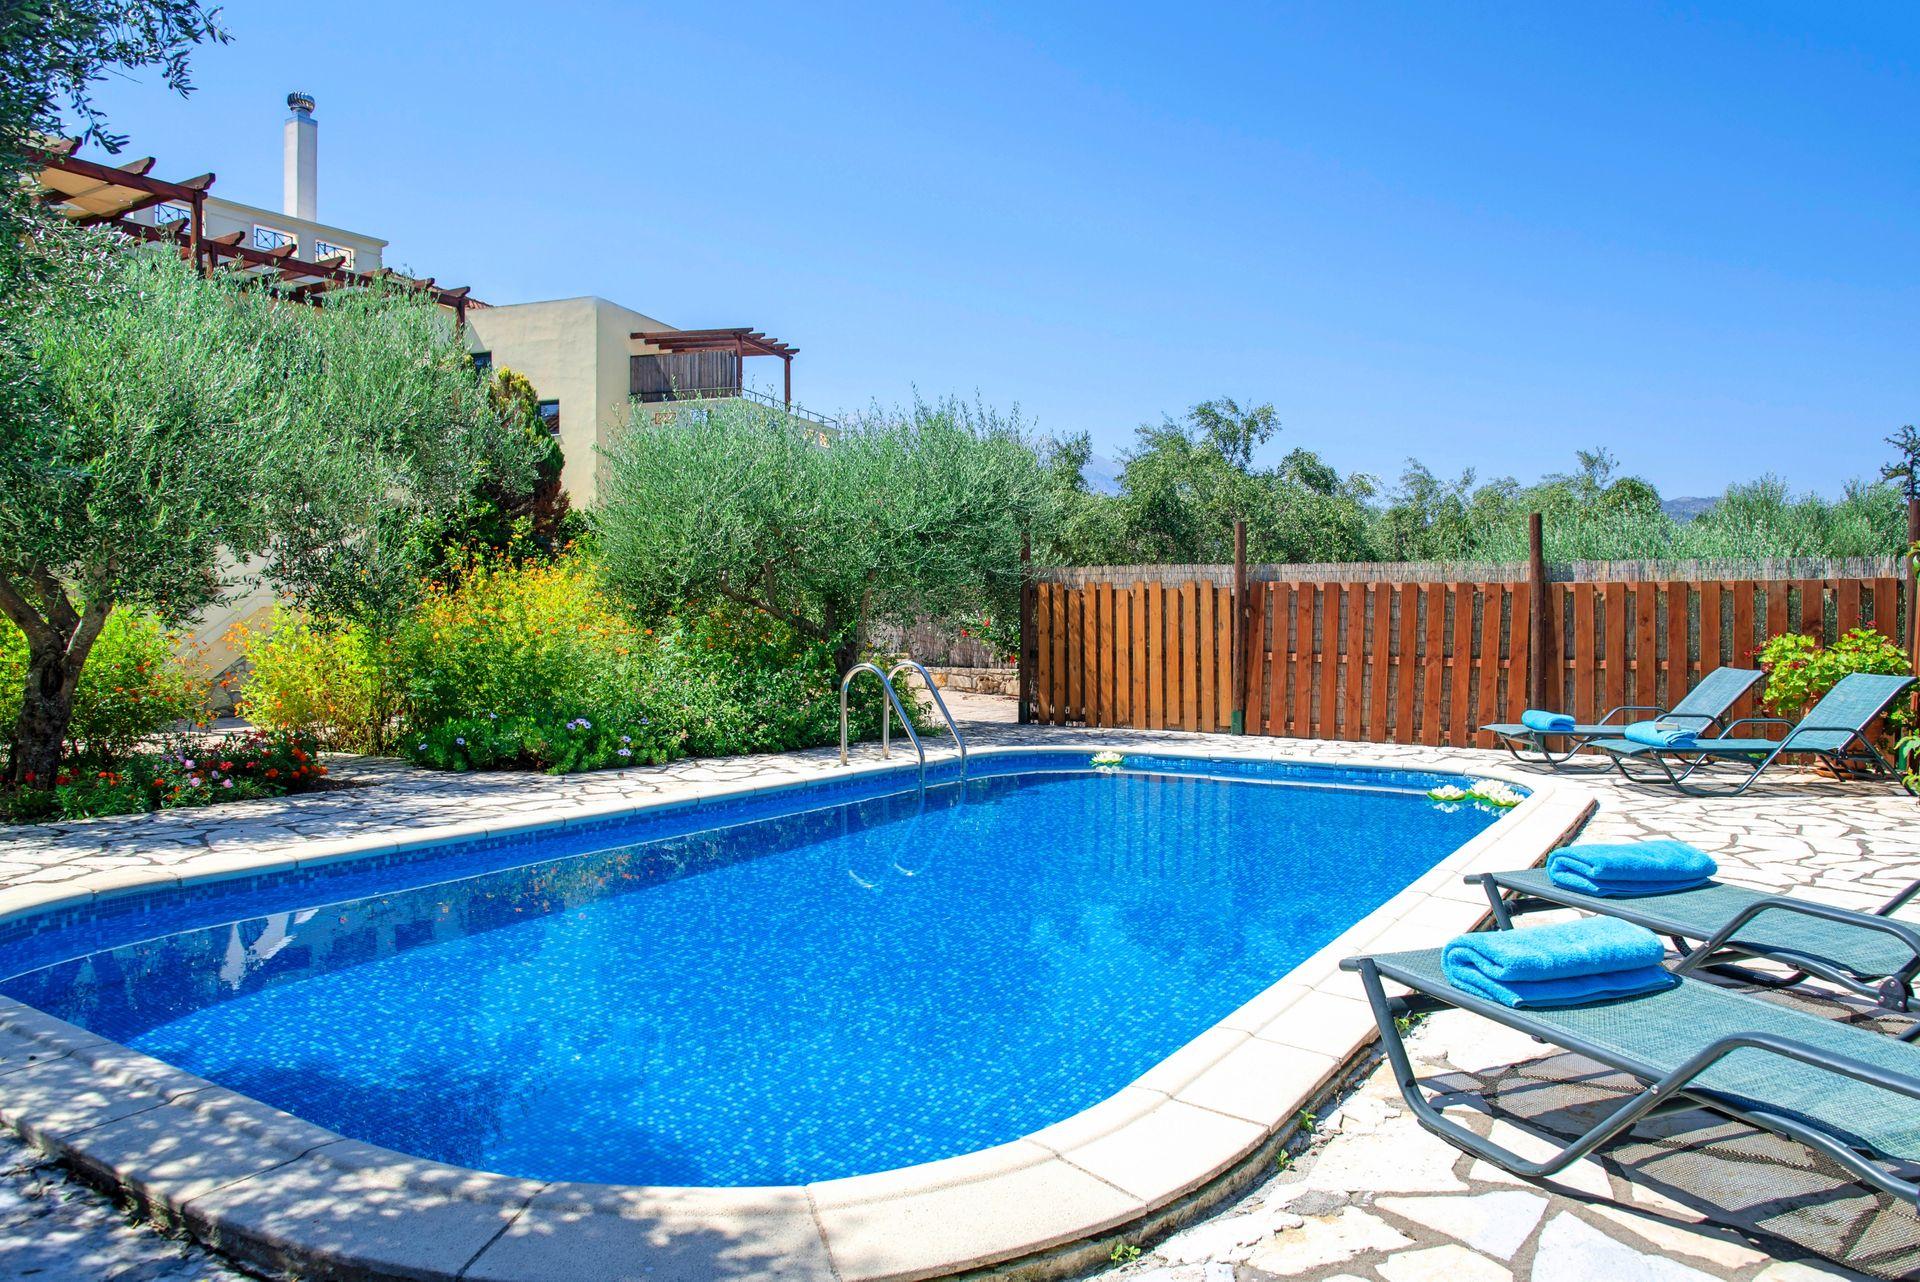 Sentido Villas - Χανιά, Κρήτη ✦ 7 Ημέρες (6 Διανυκτερεύσεις) ✦ 8 άτομα ✦ Χωρίς Πρωινό ✦ 01/09/2021 έως 30/09/2021 ✦ Με Ιδιωτική Πισίνα!